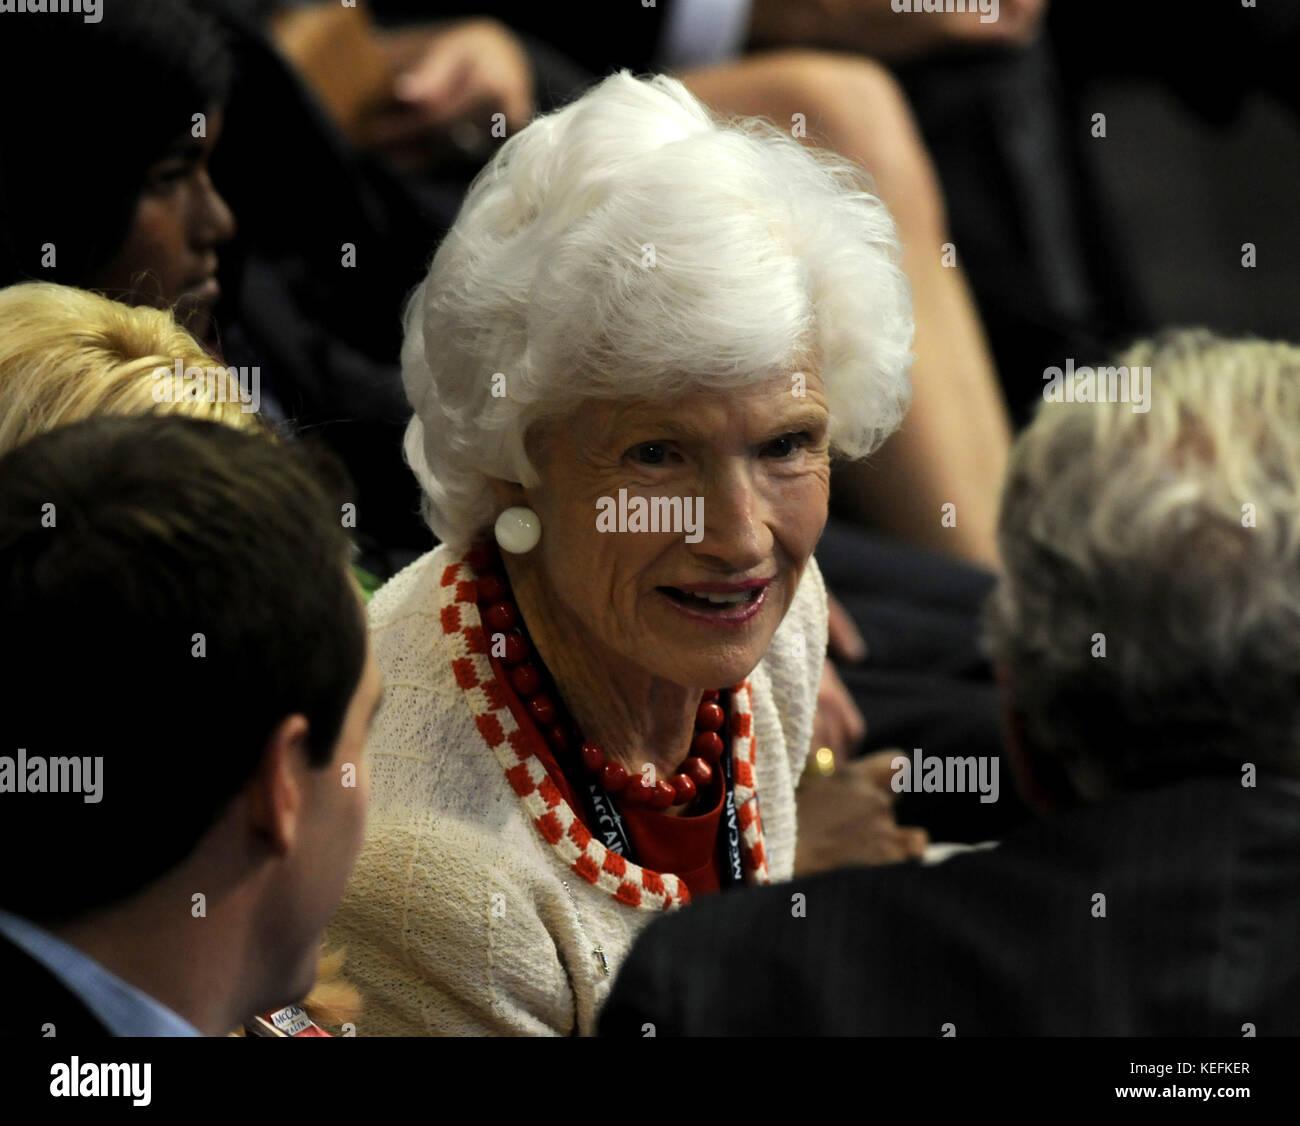 Roberta Mccain: September 1, 2008 -- Mrs. Roberta McCain